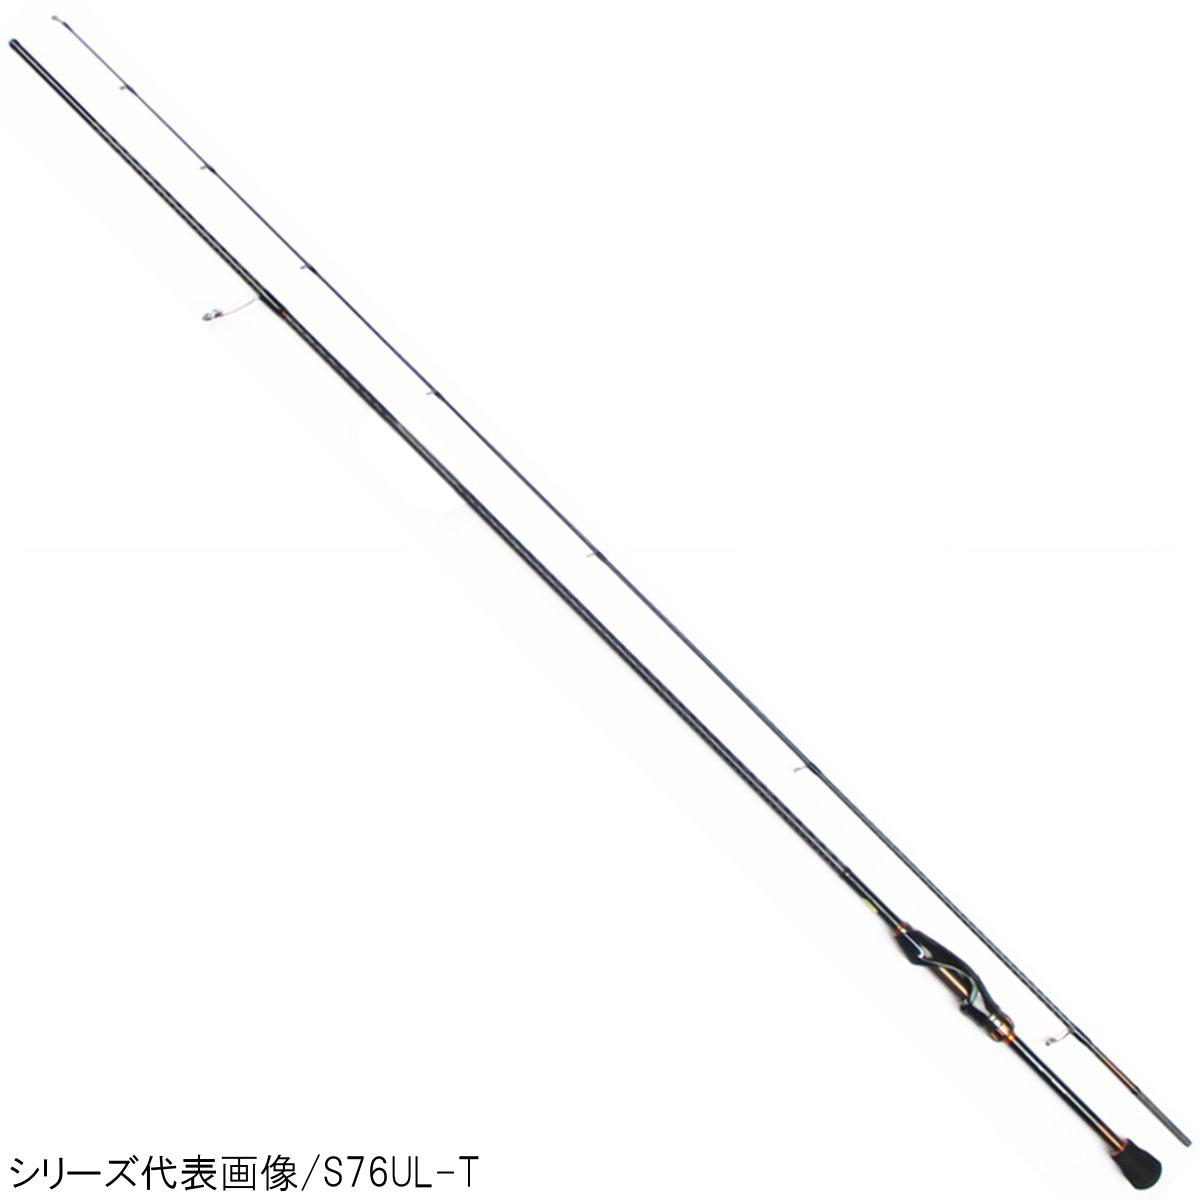 シマノ ソアレ SS S83L-T【送料無料】